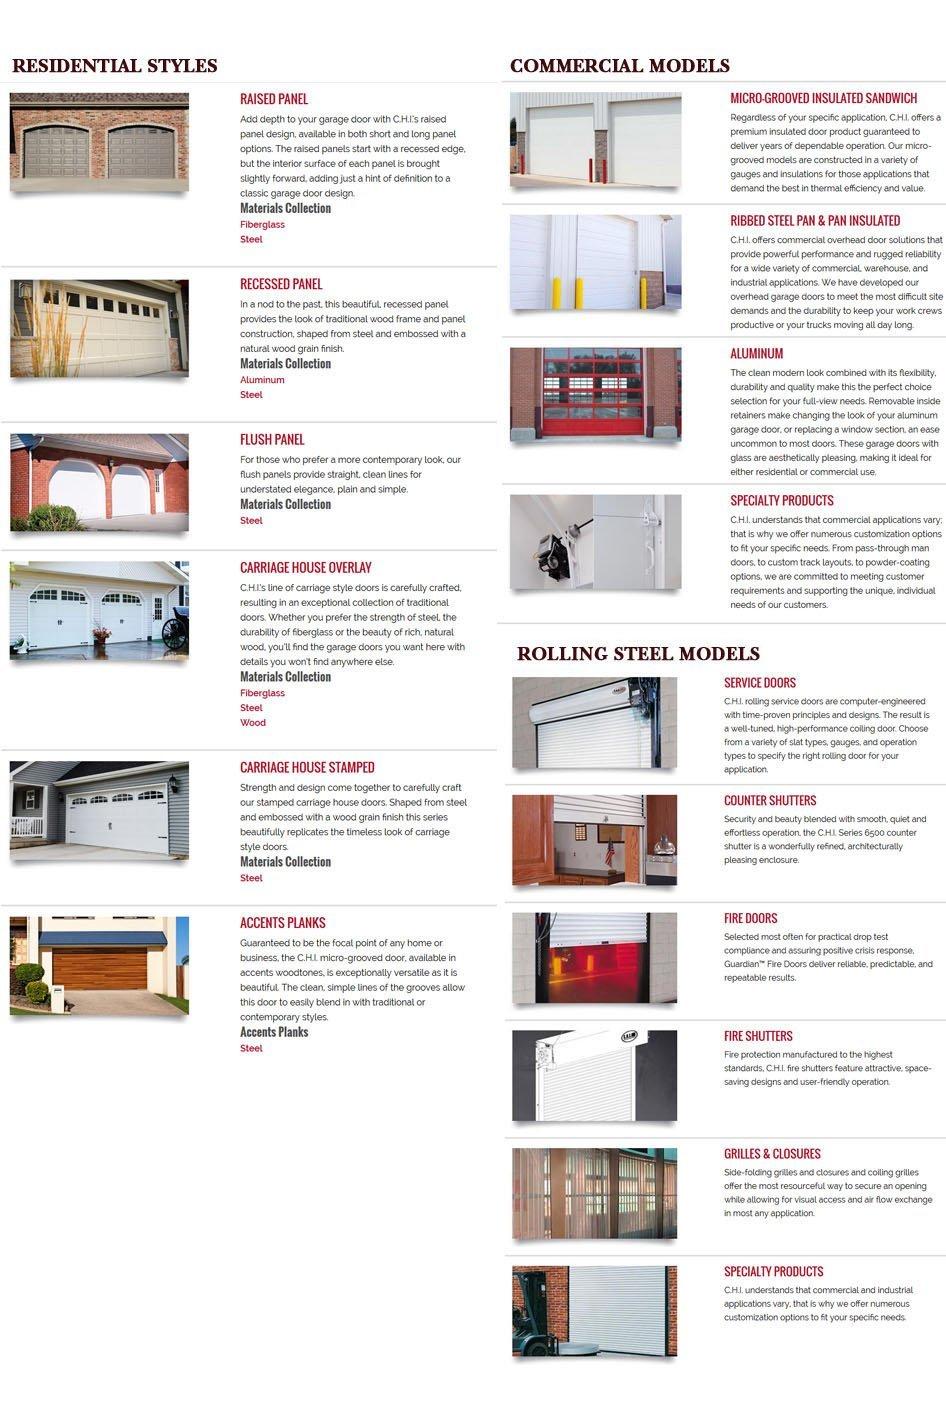 C.H.I Overhead Doors| Eau Claire, WI | Eau Claire Door Co | 715-834-1134